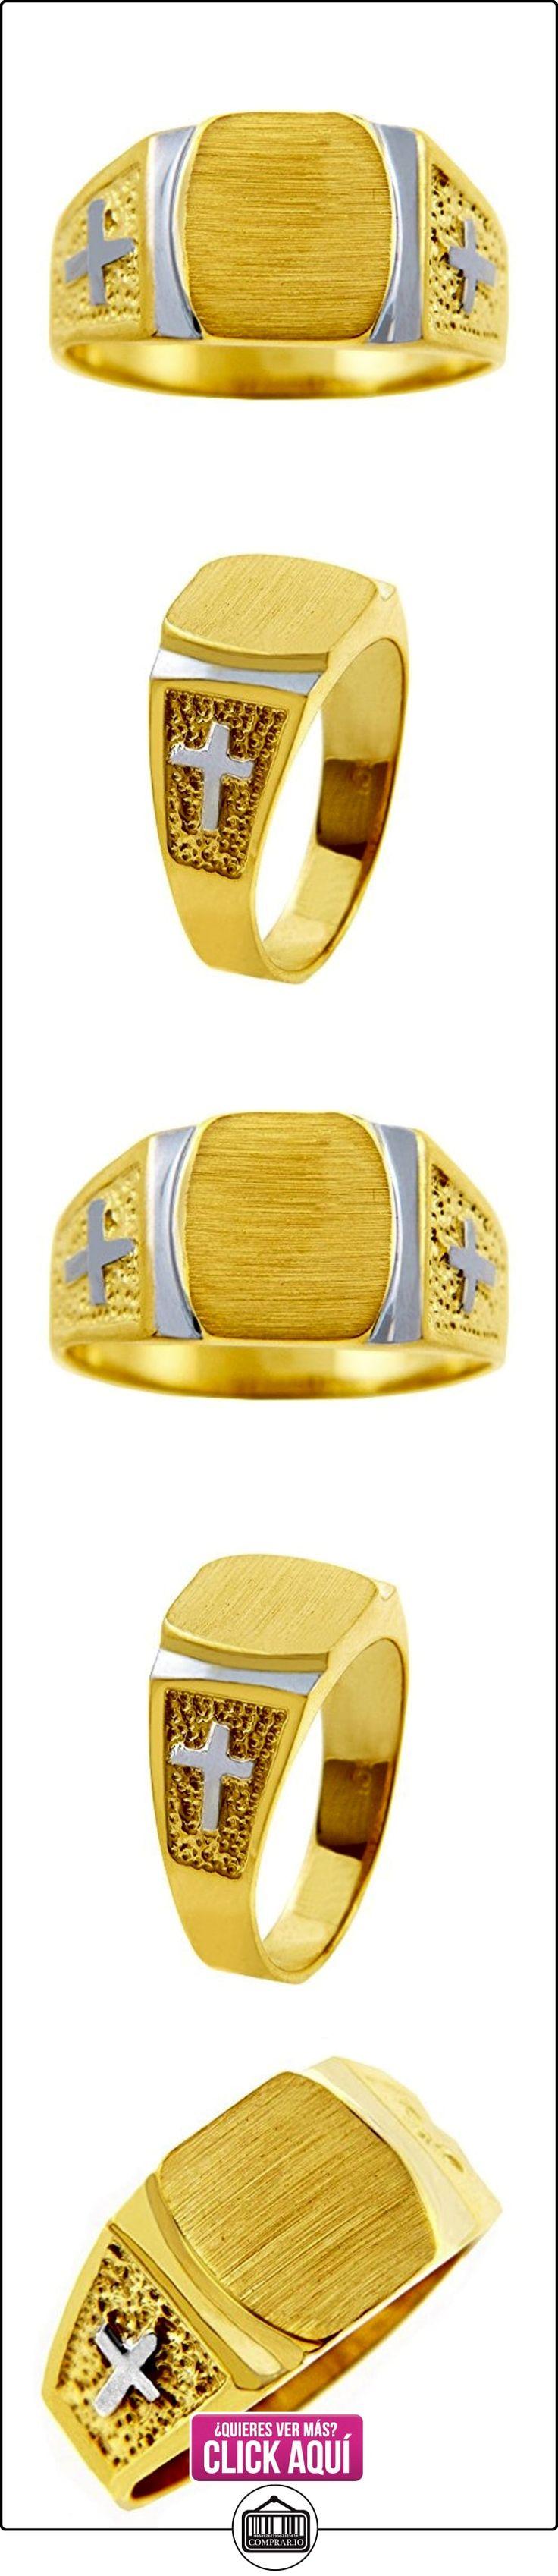 Pequeños Tesoros - Anillos Hombres 10 Kt Oro 2 Colores 471/1000 Cruzar Sortija De sello  ✿ Joyas para hombres especiales - lujo ✿ ▬► Ver oferta: http://comprar.io/goto/B01277TLX0